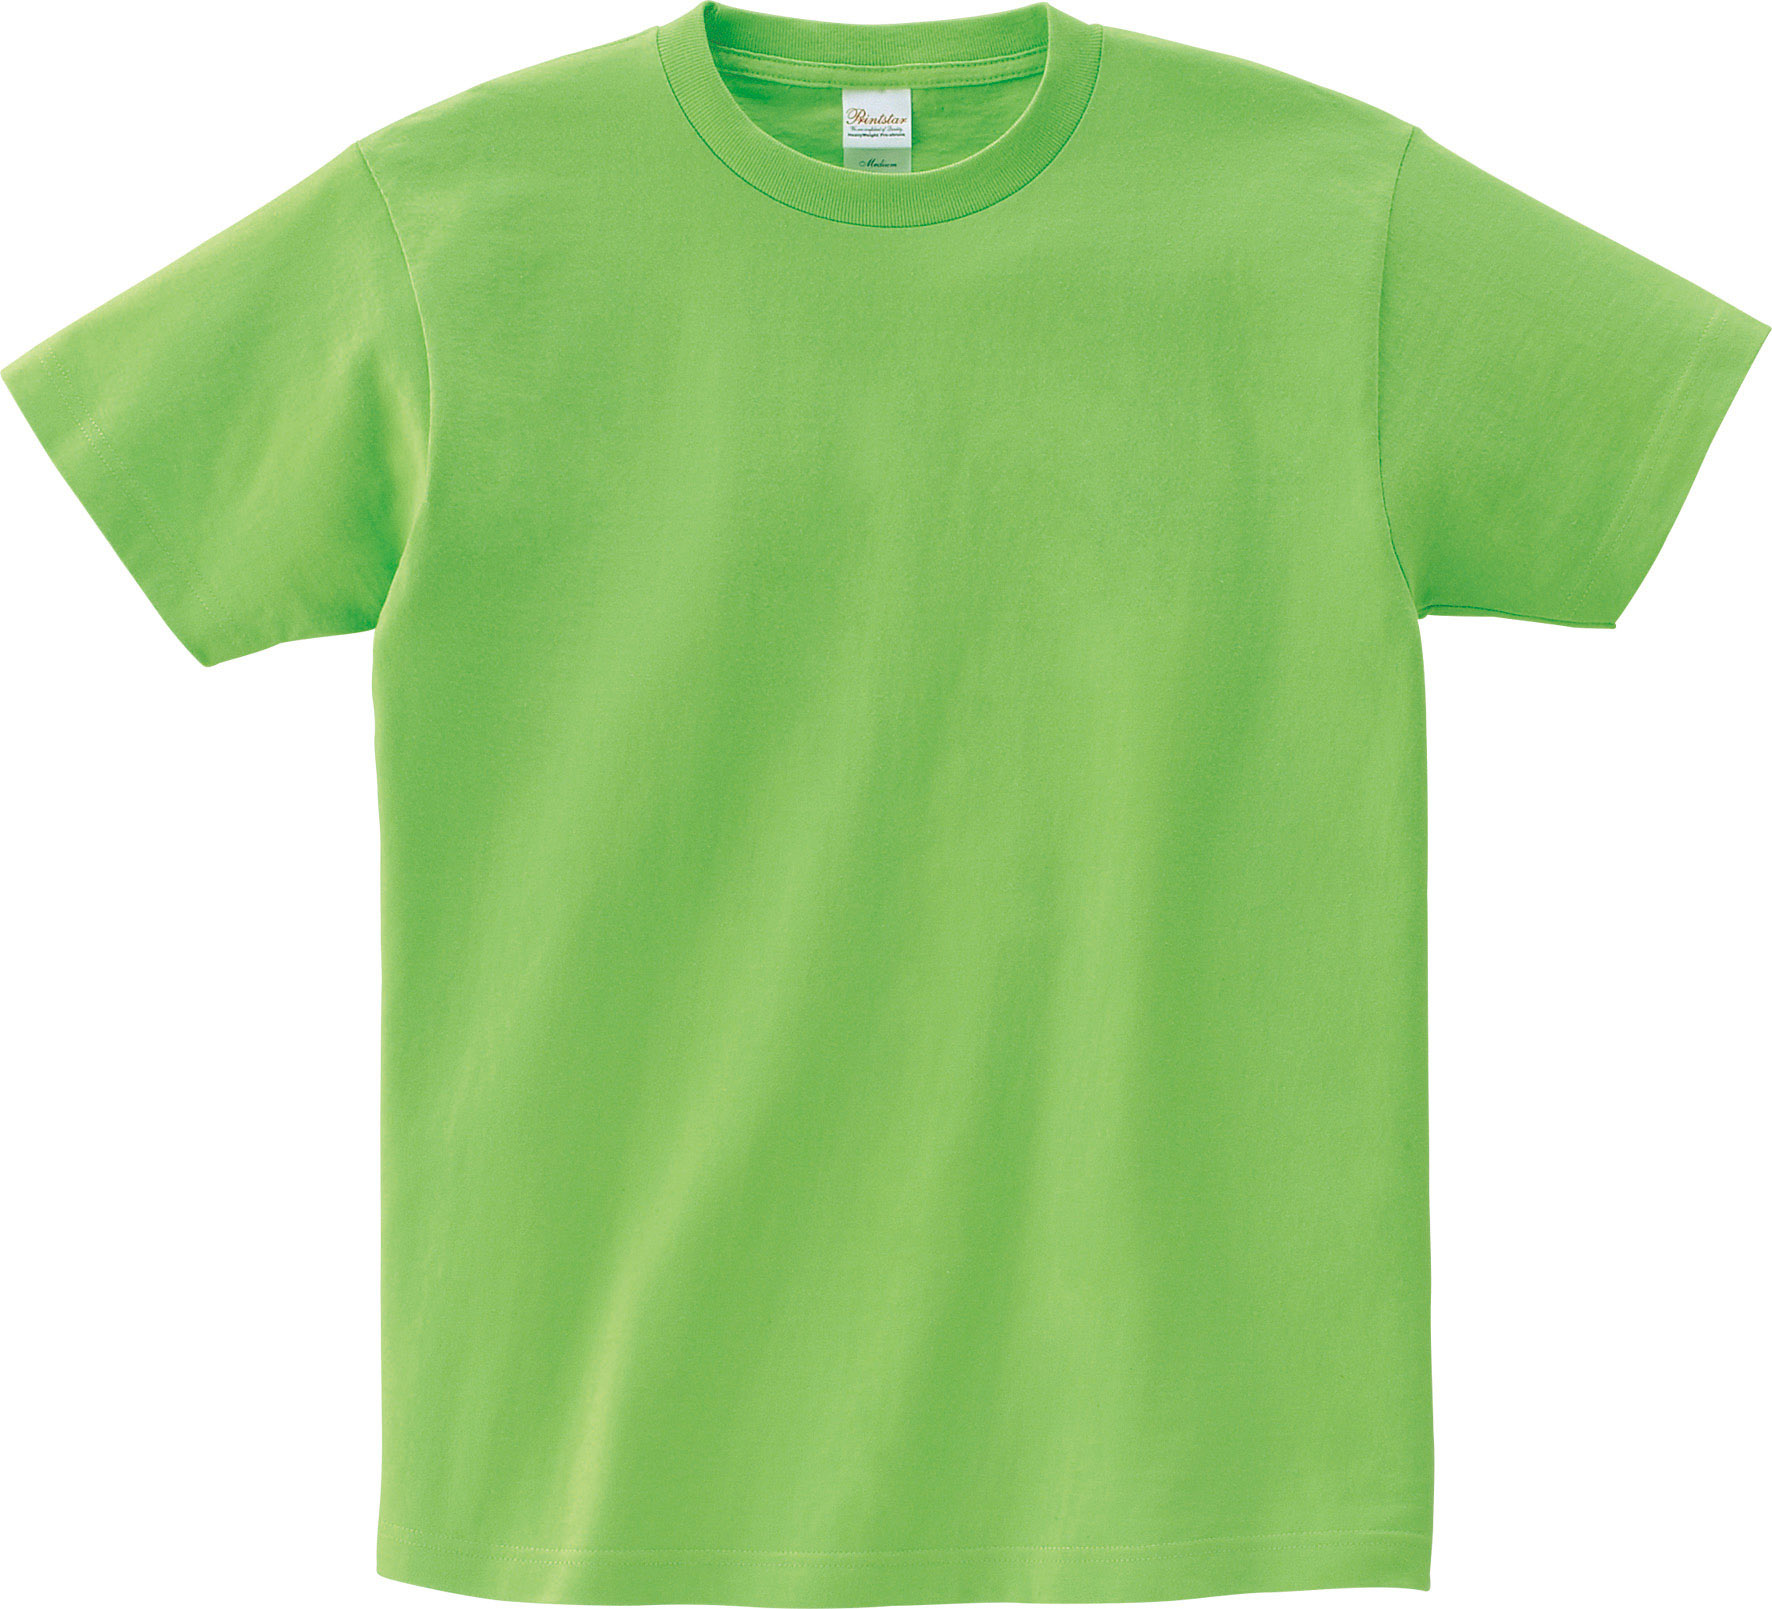 00085-CVT 5.6オンス・ヘビーウェイトTシャツ - 155-ライム, XXXL